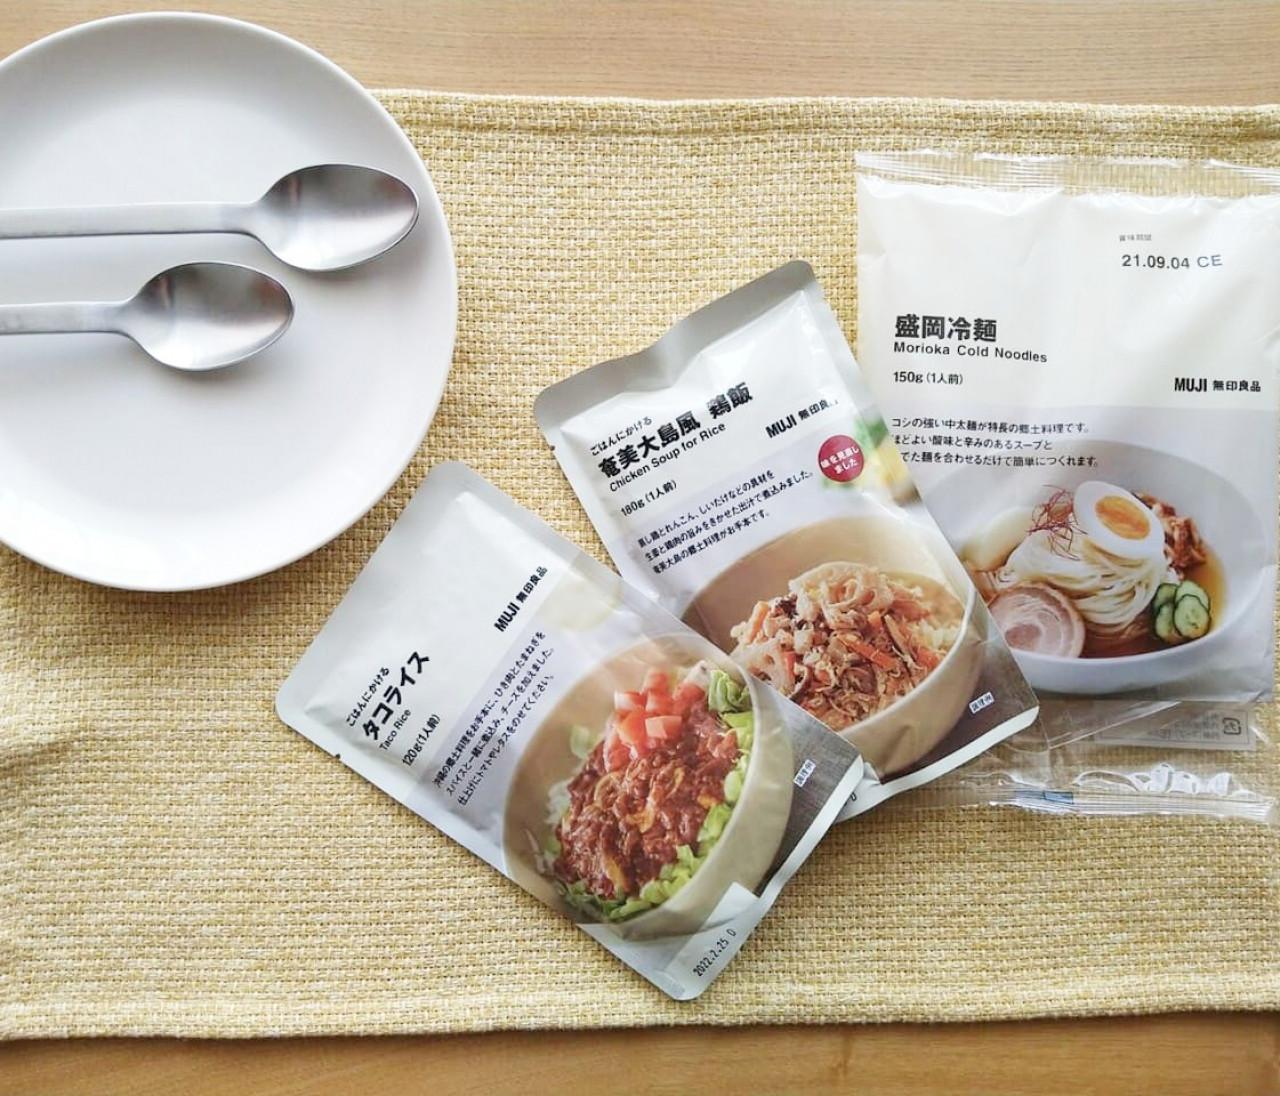 【無印良品のレトルト】おうちで食旅を楽しめる人気郷土料理3選!